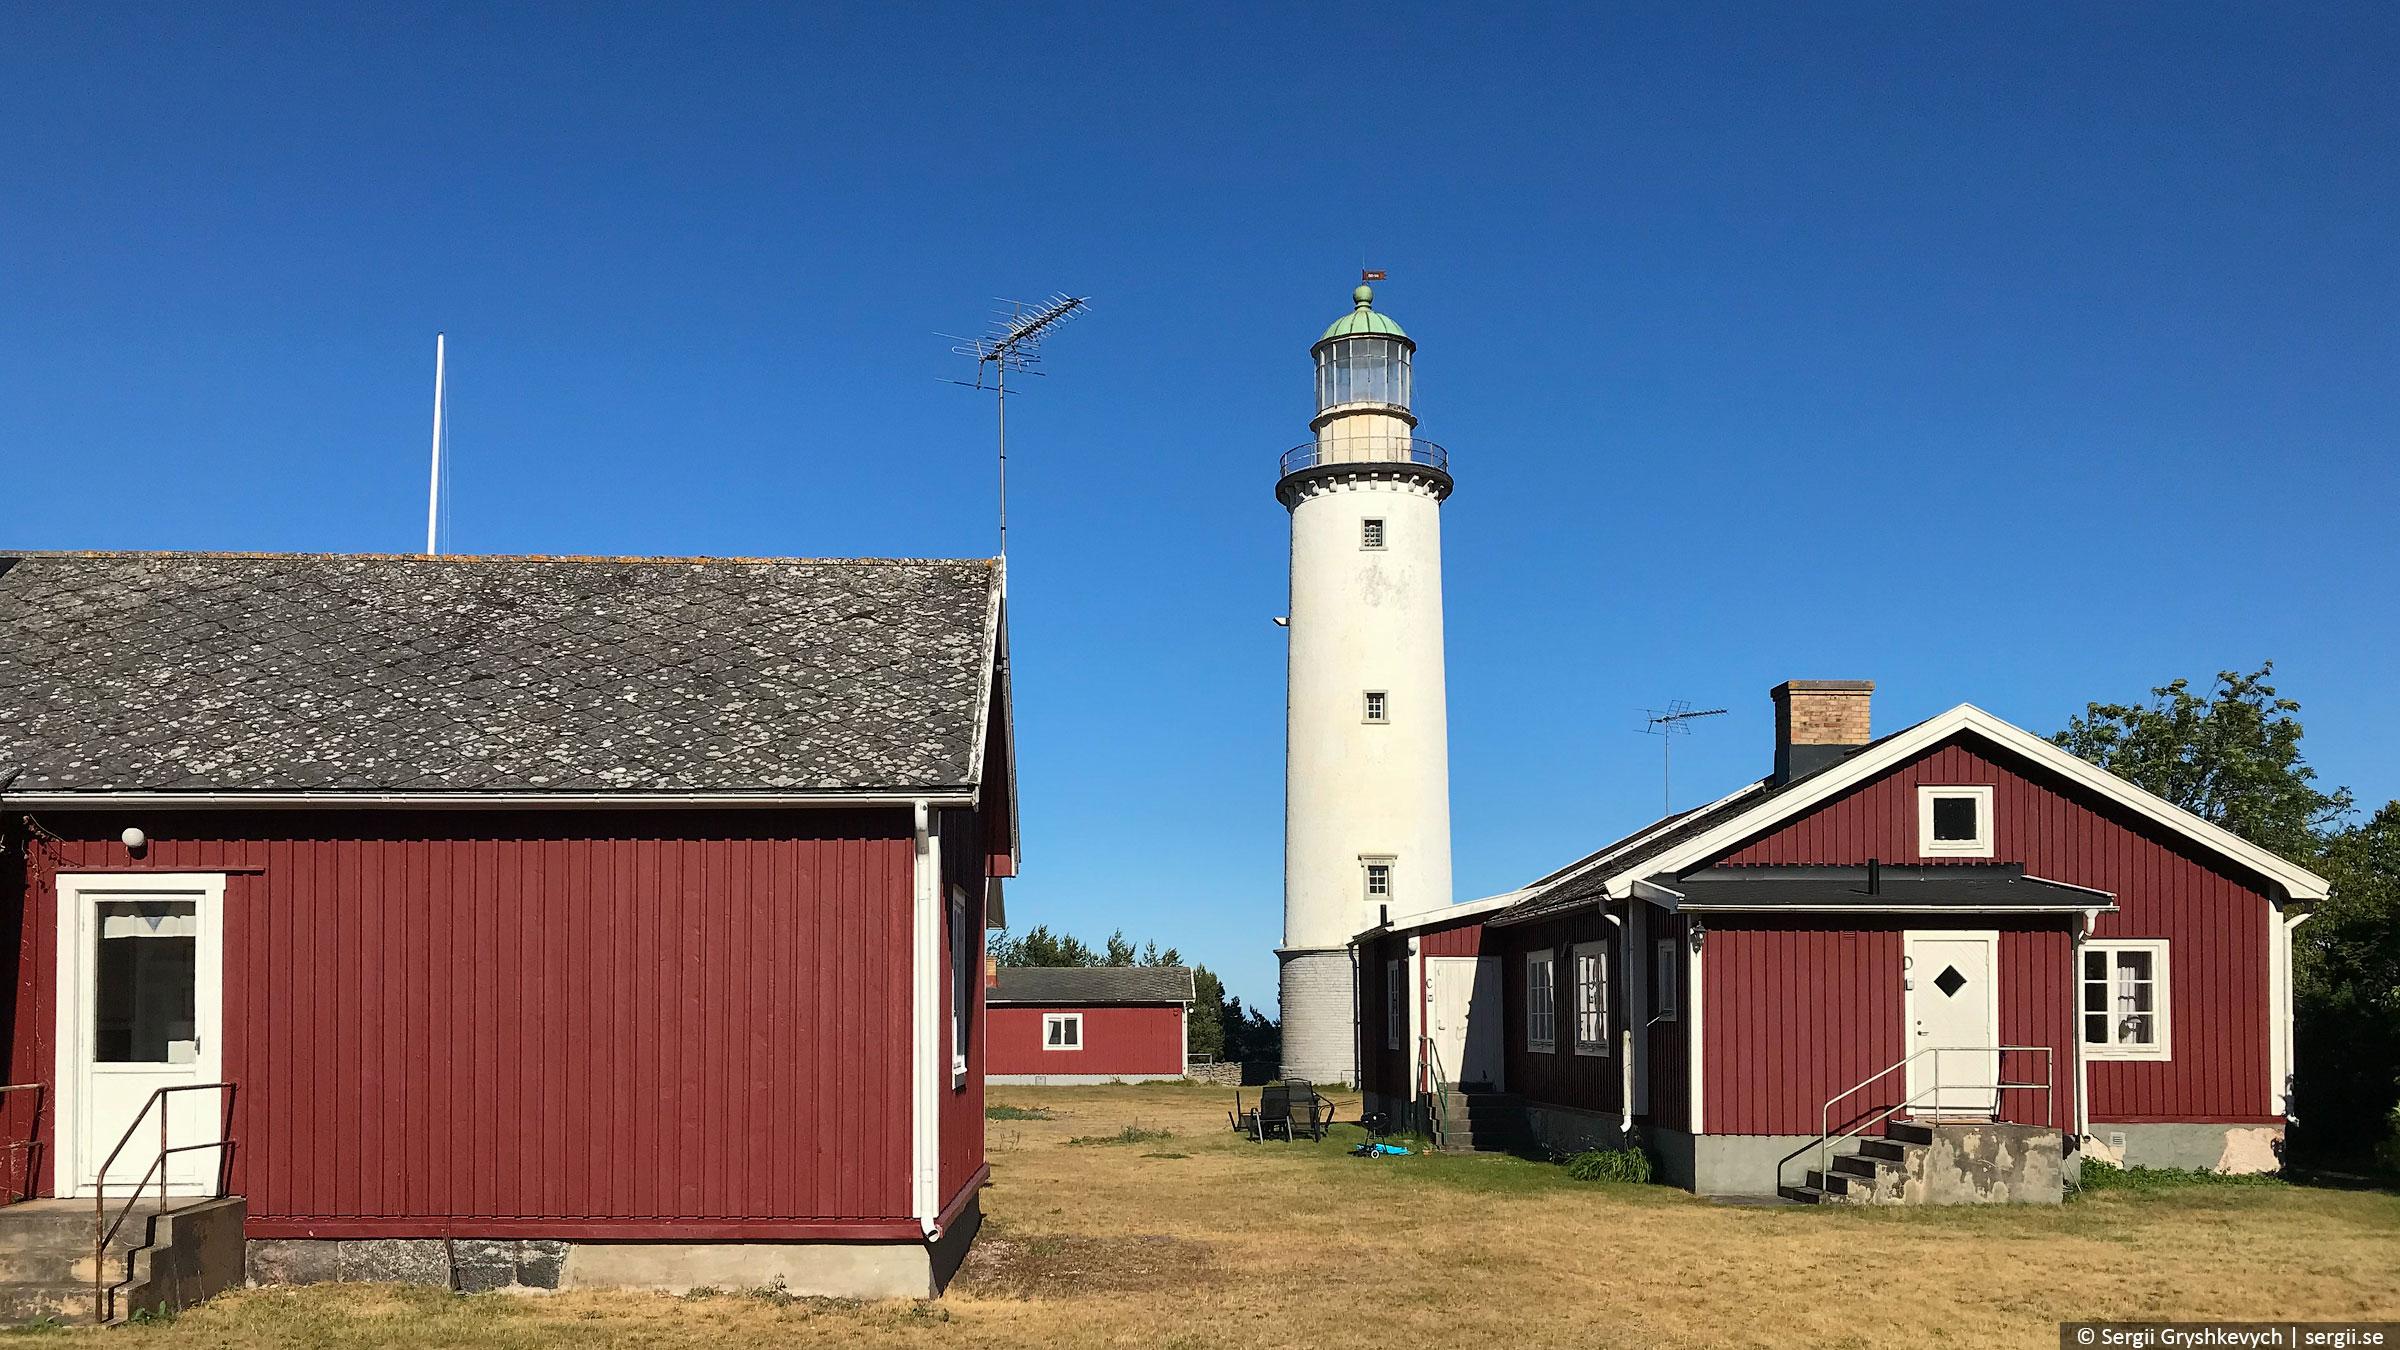 gotland-visby-sweden-2018-52